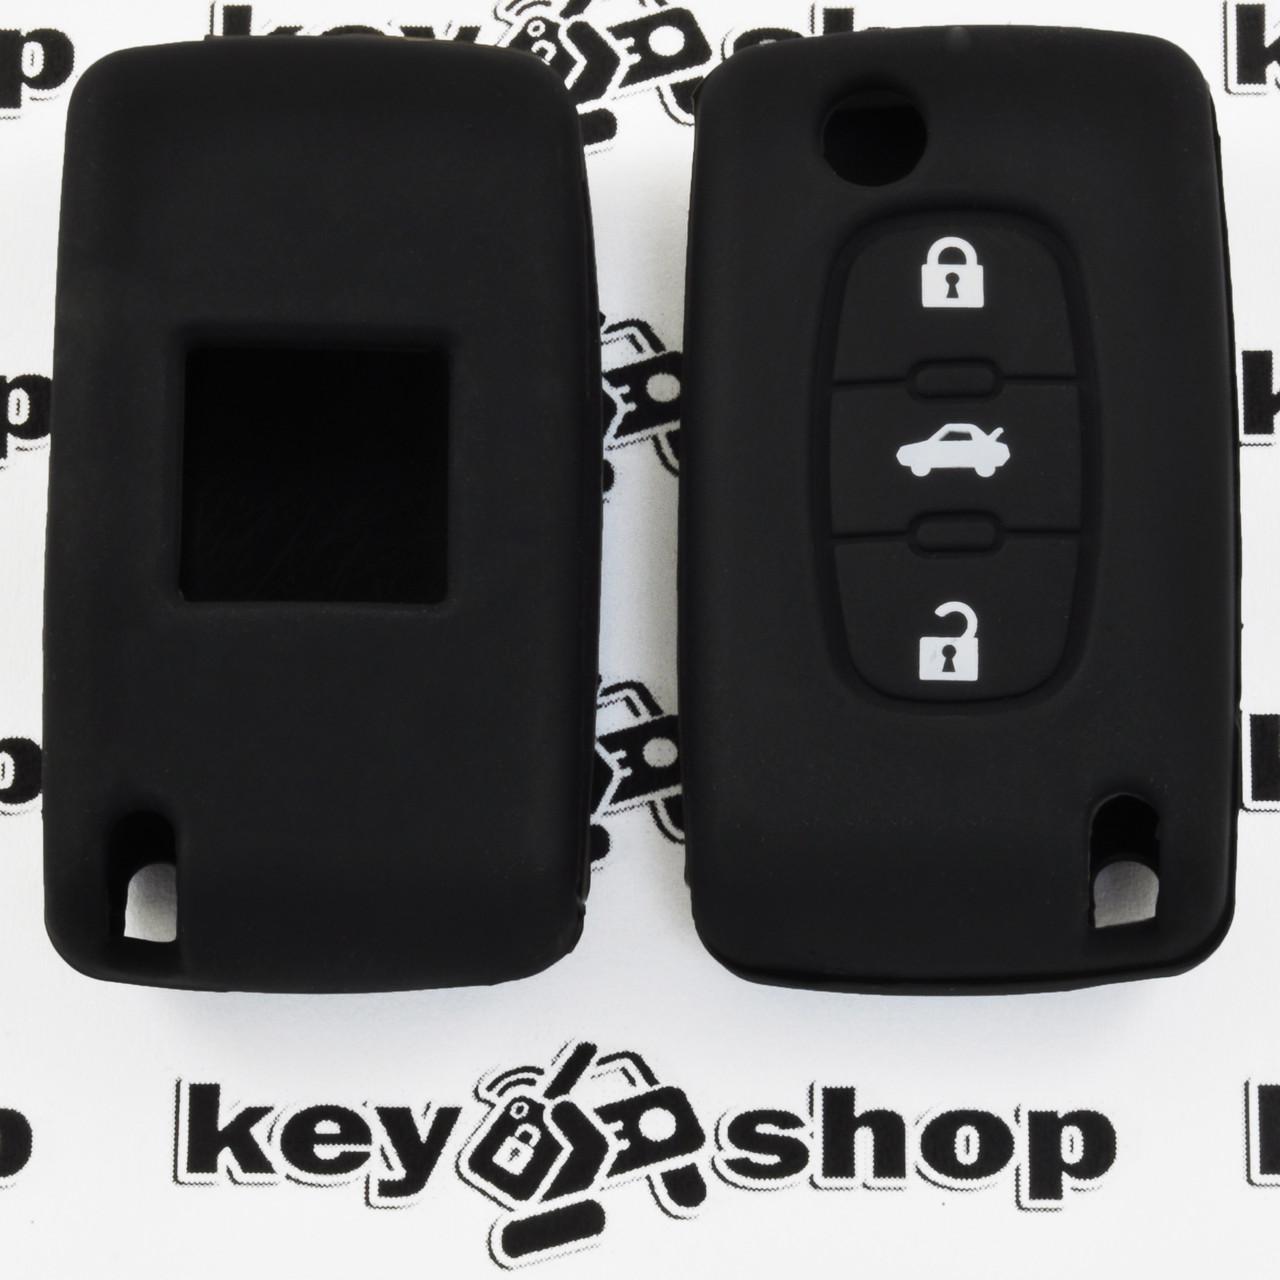 Чехол для автоключей Peugeot (Пежо), Citroen (Ситроен) 3 кнопки